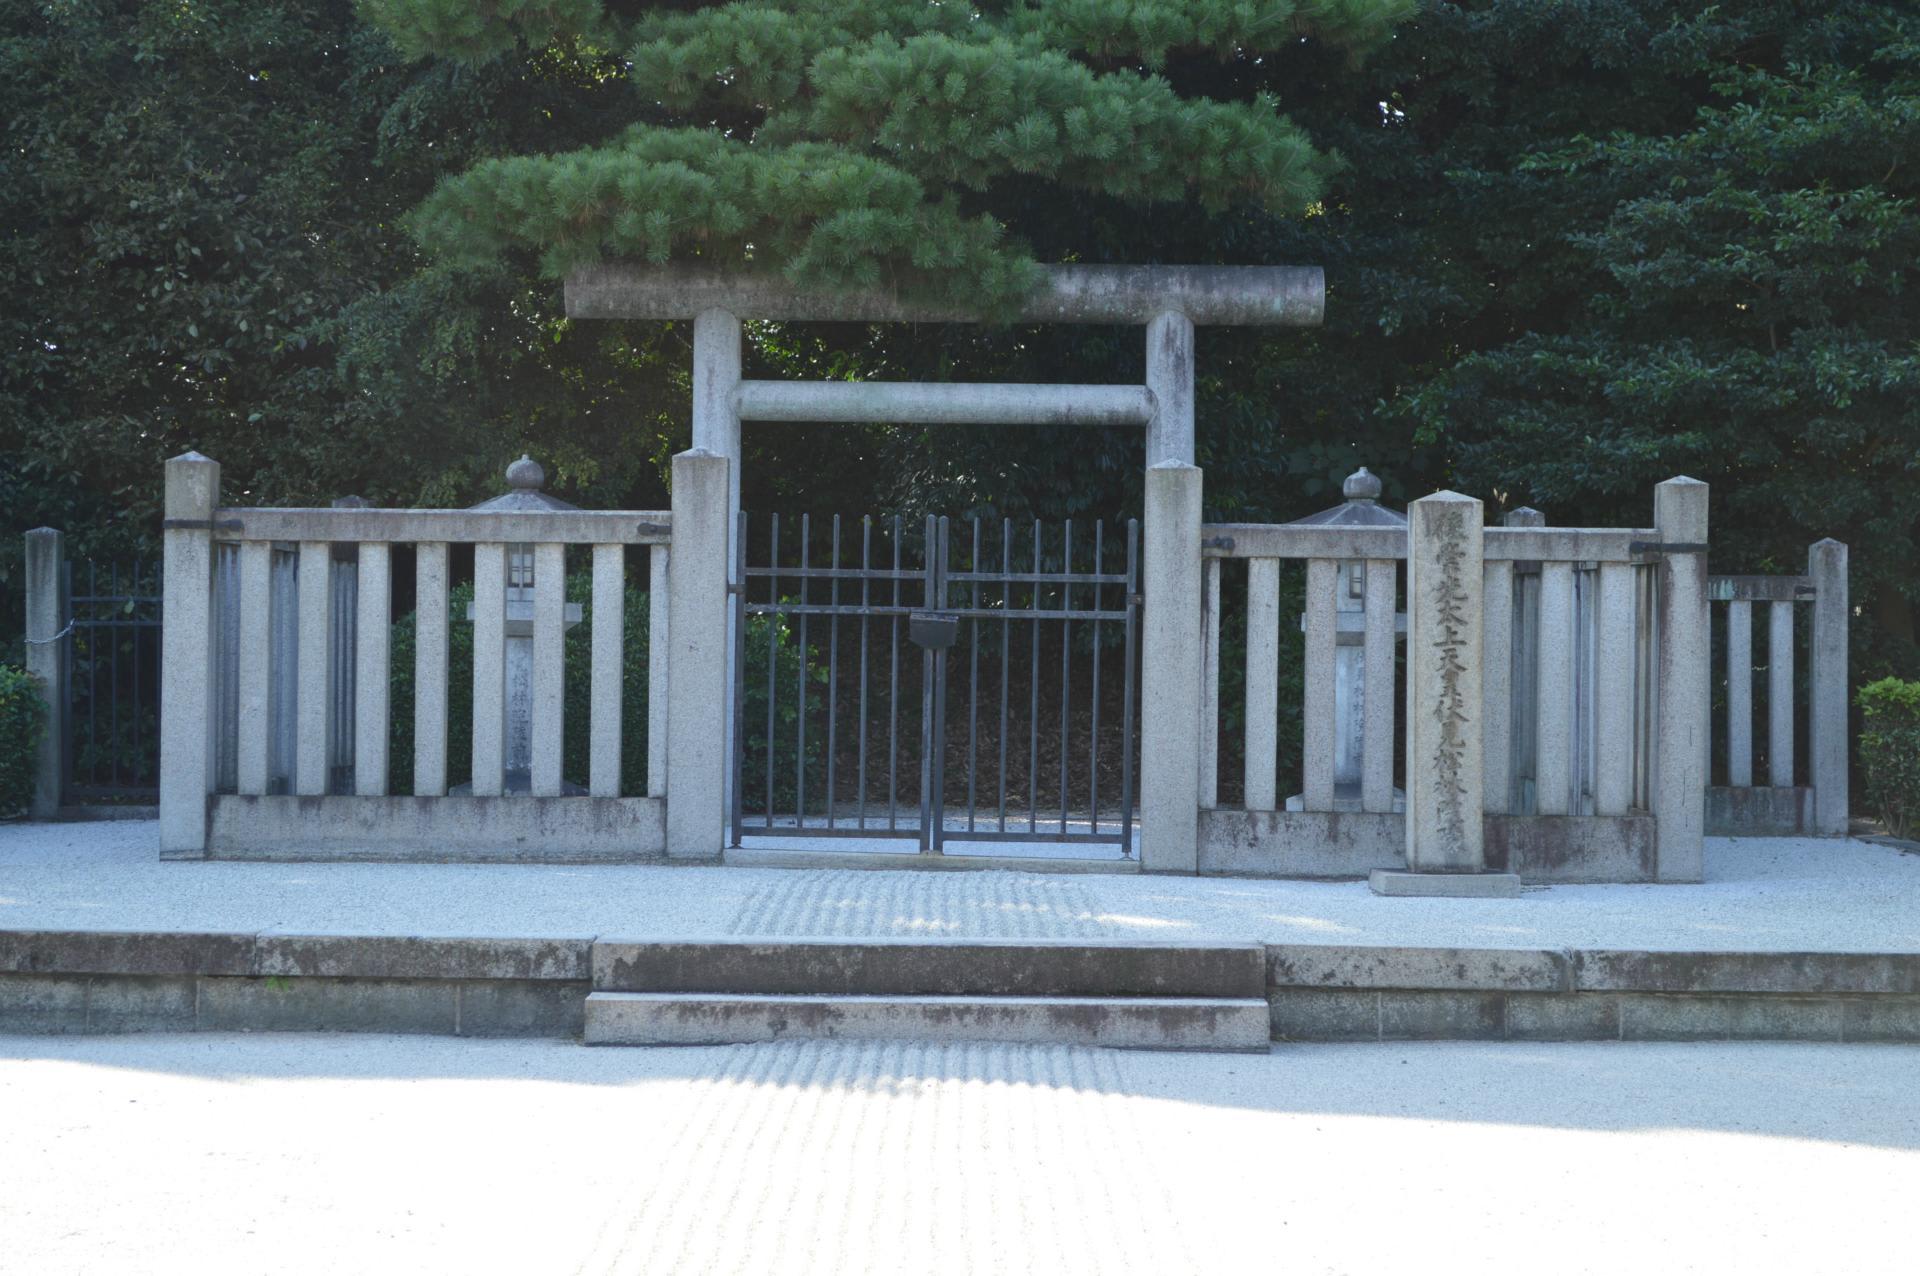 陵墓伏015 伏見松林陵 - アート...